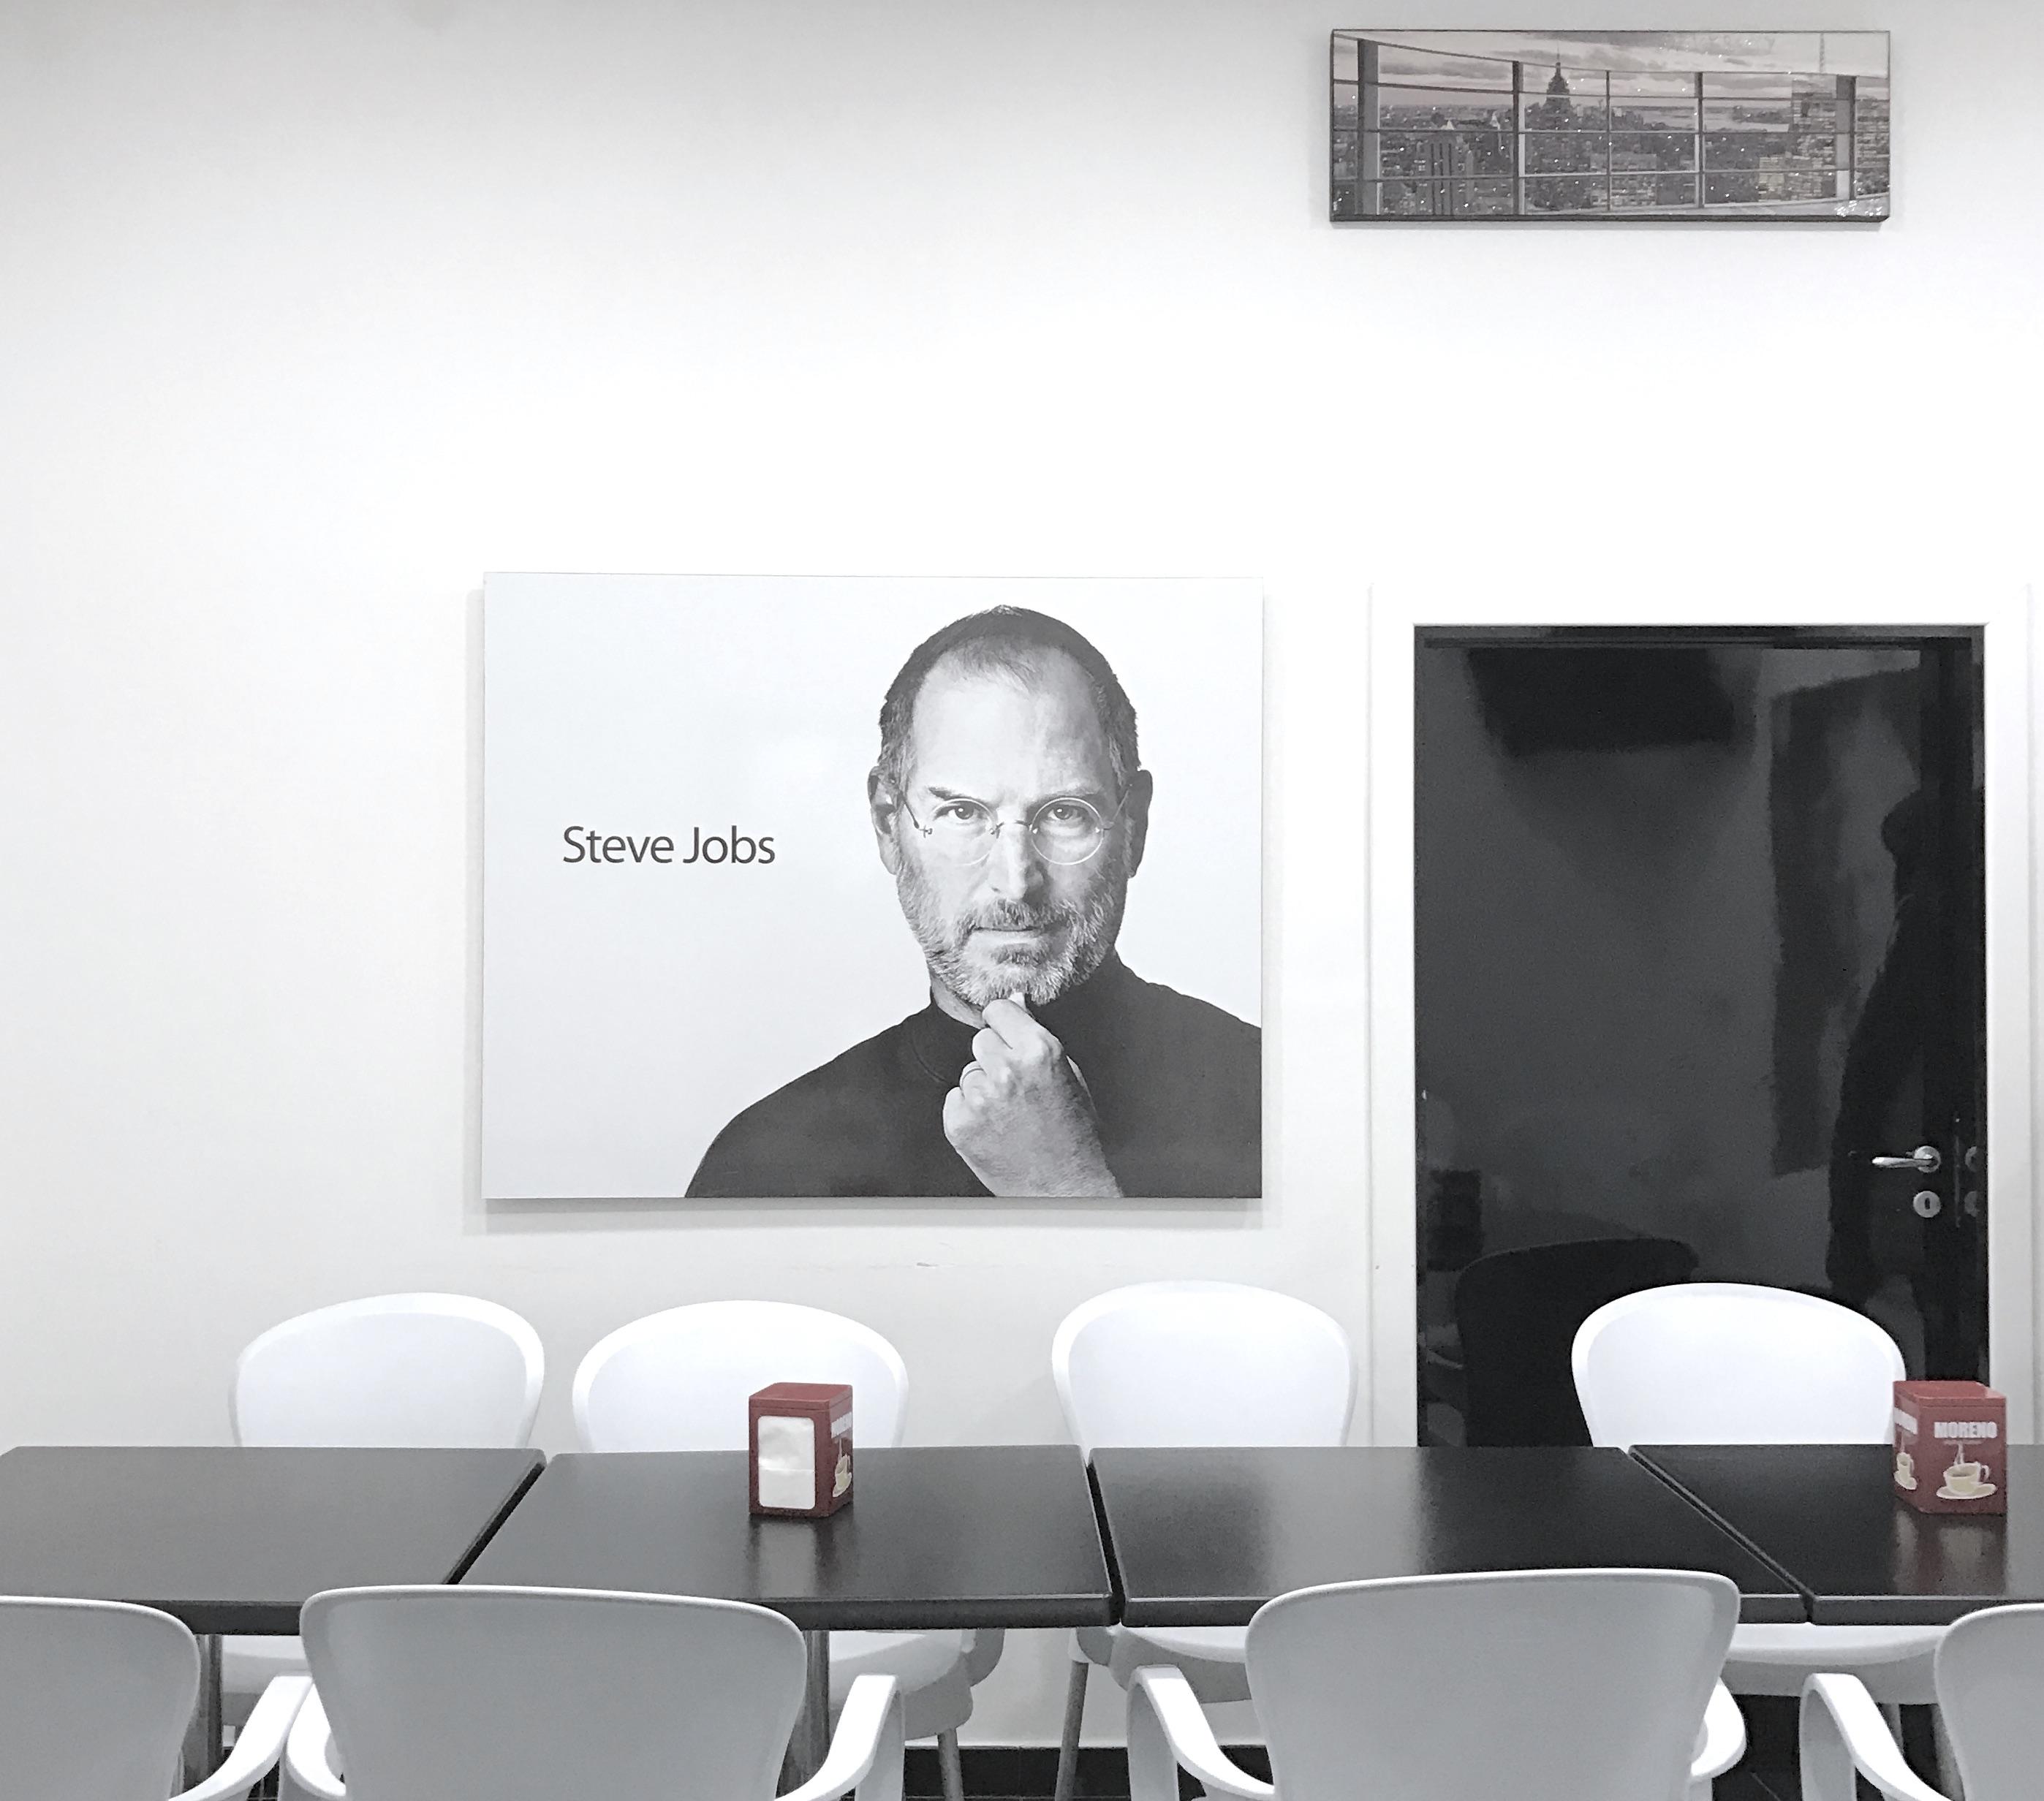 Il misterioso caso del bar che appende una foto di Steve Jobs e di fronte apre la iOS Academy